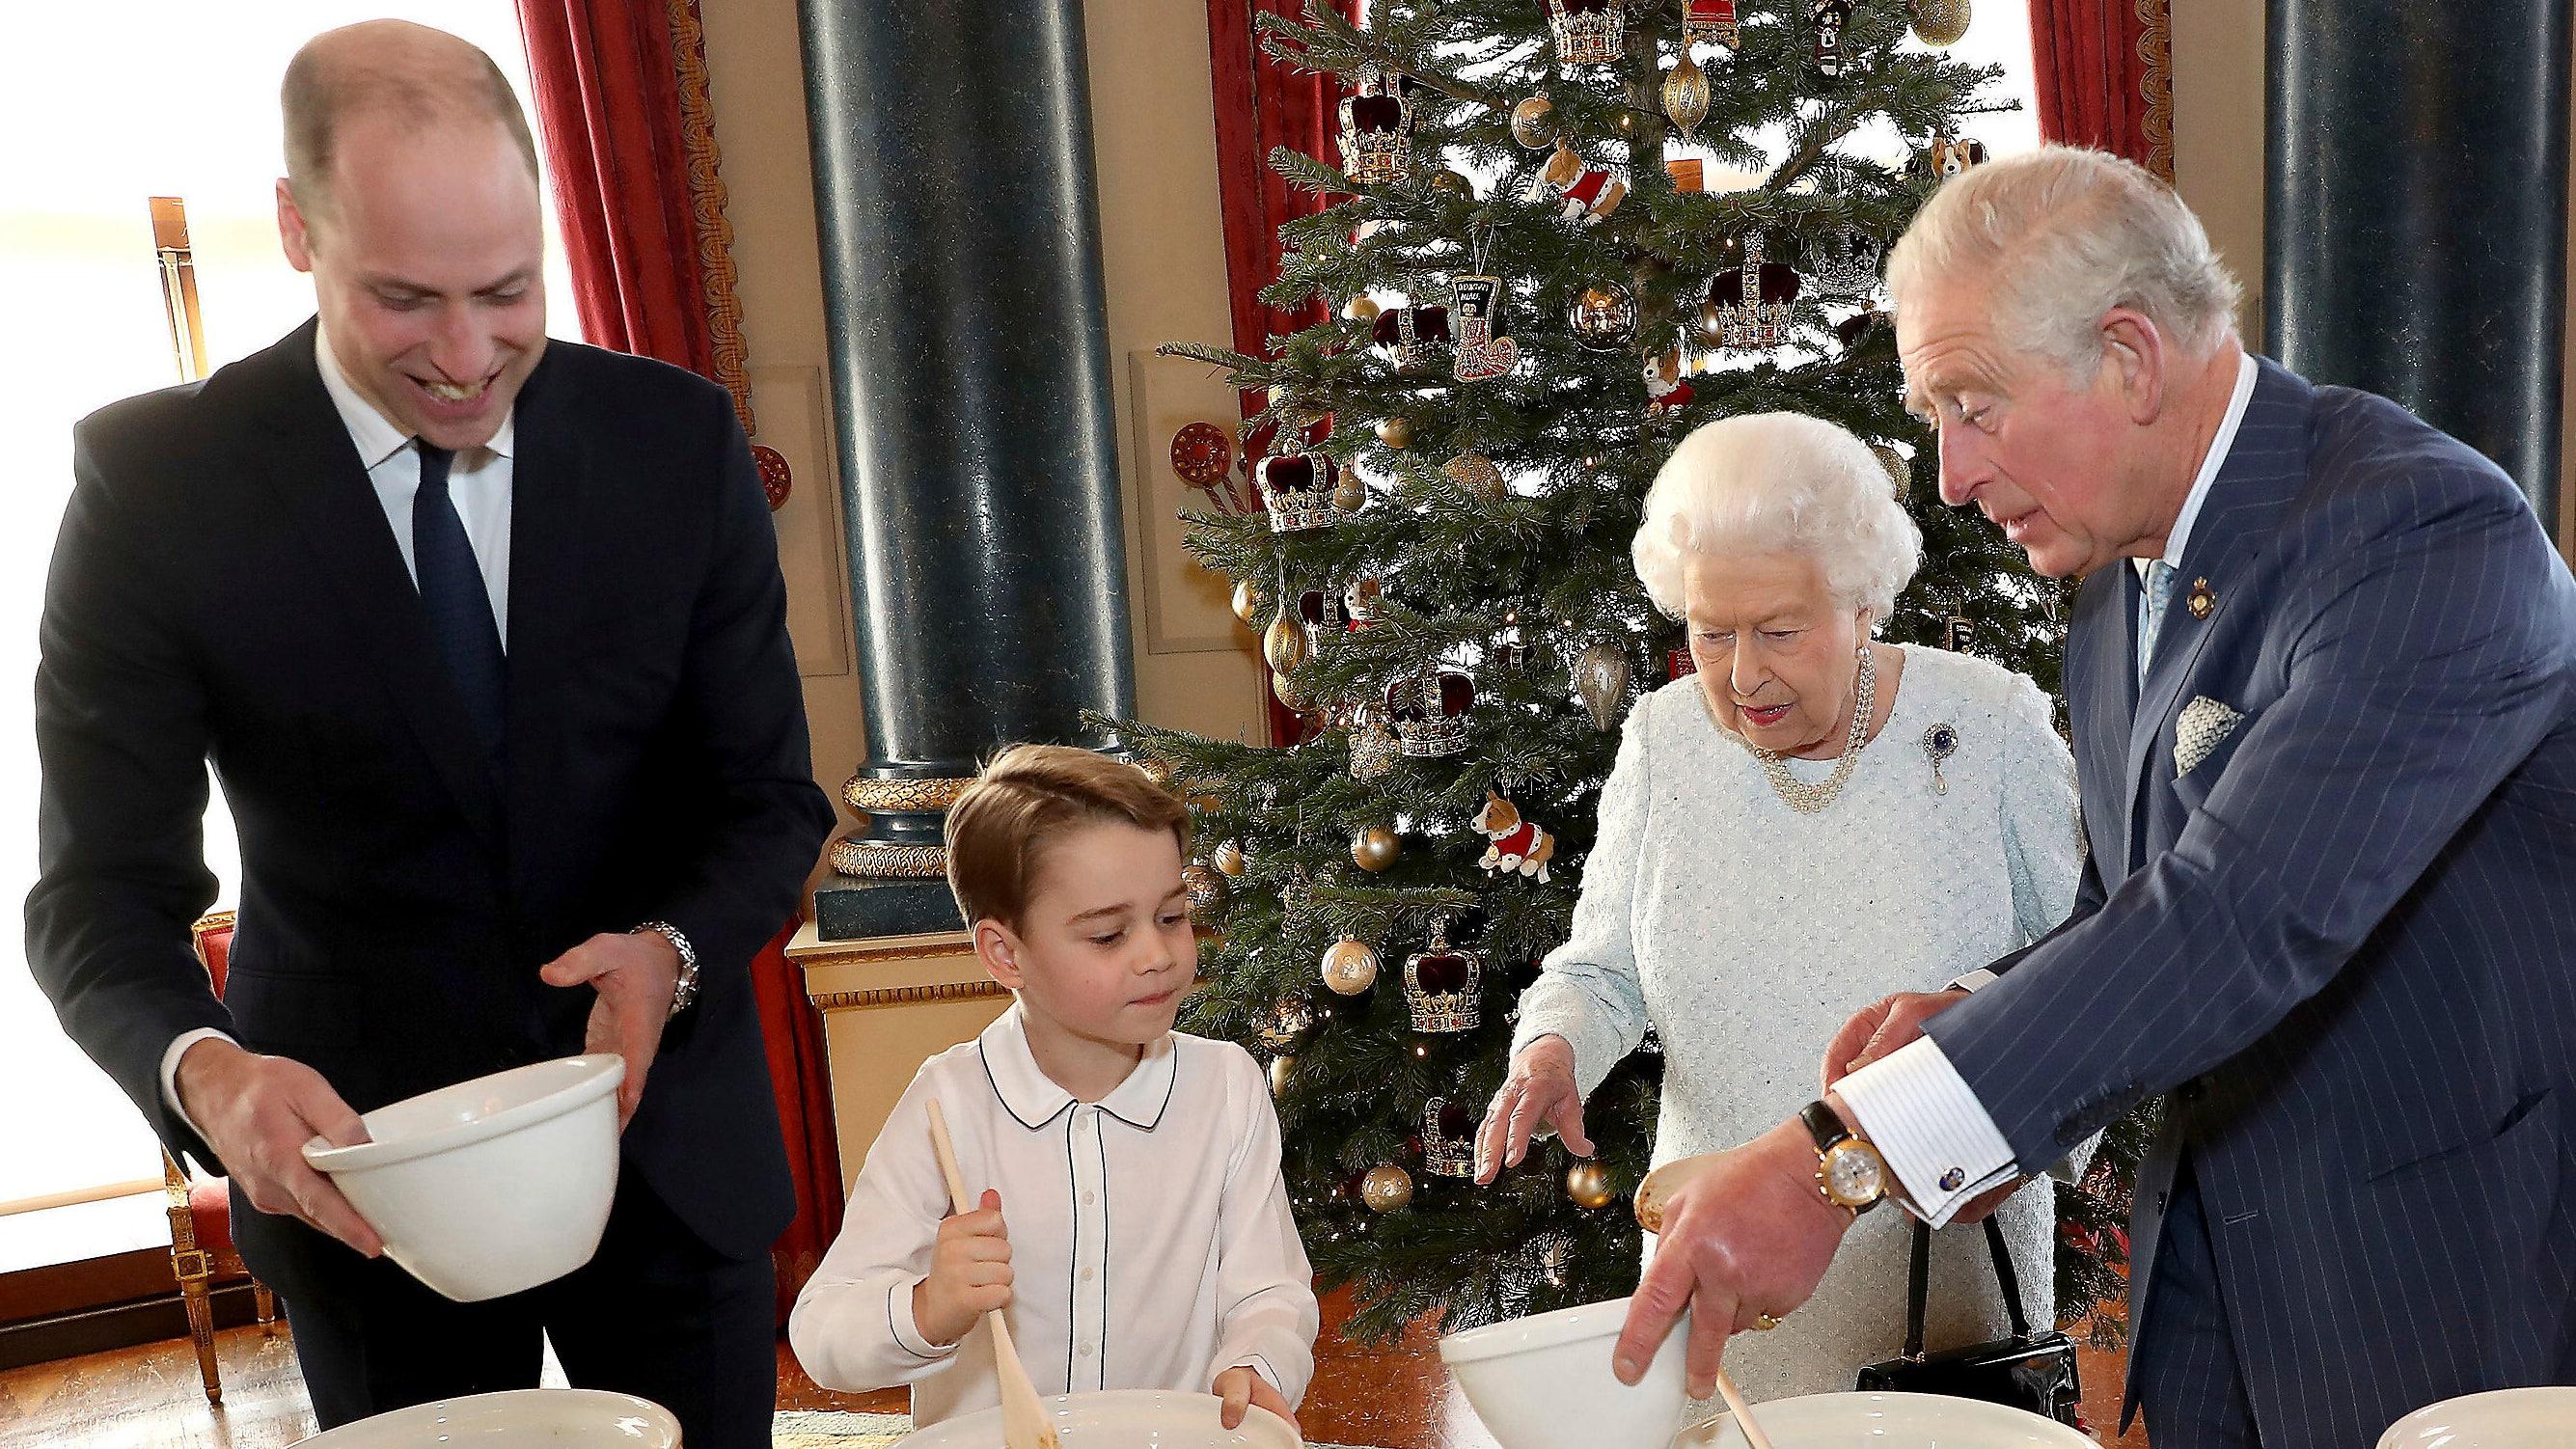 Queen Elizabeth verbunden ist, von Prinzen George, William und Charles, um Weihnachten desserts